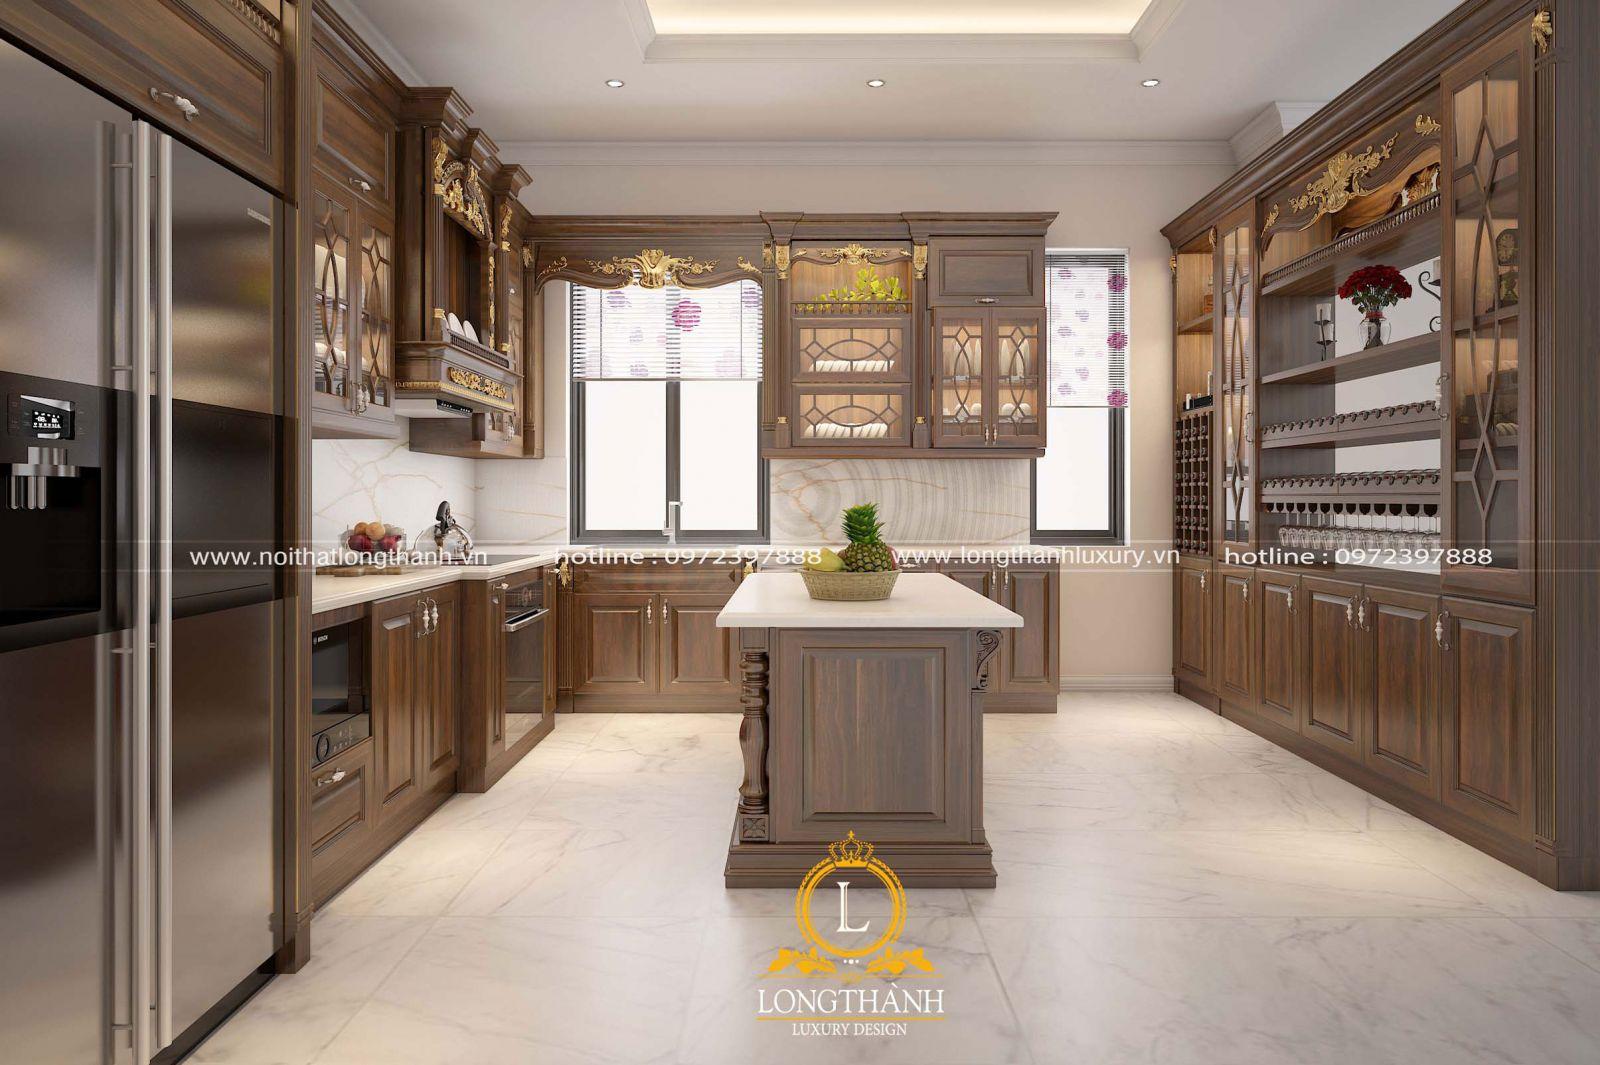 Mẫu tủ bếp chữ L cho phòng bếp tân cổ điển ấm cúng